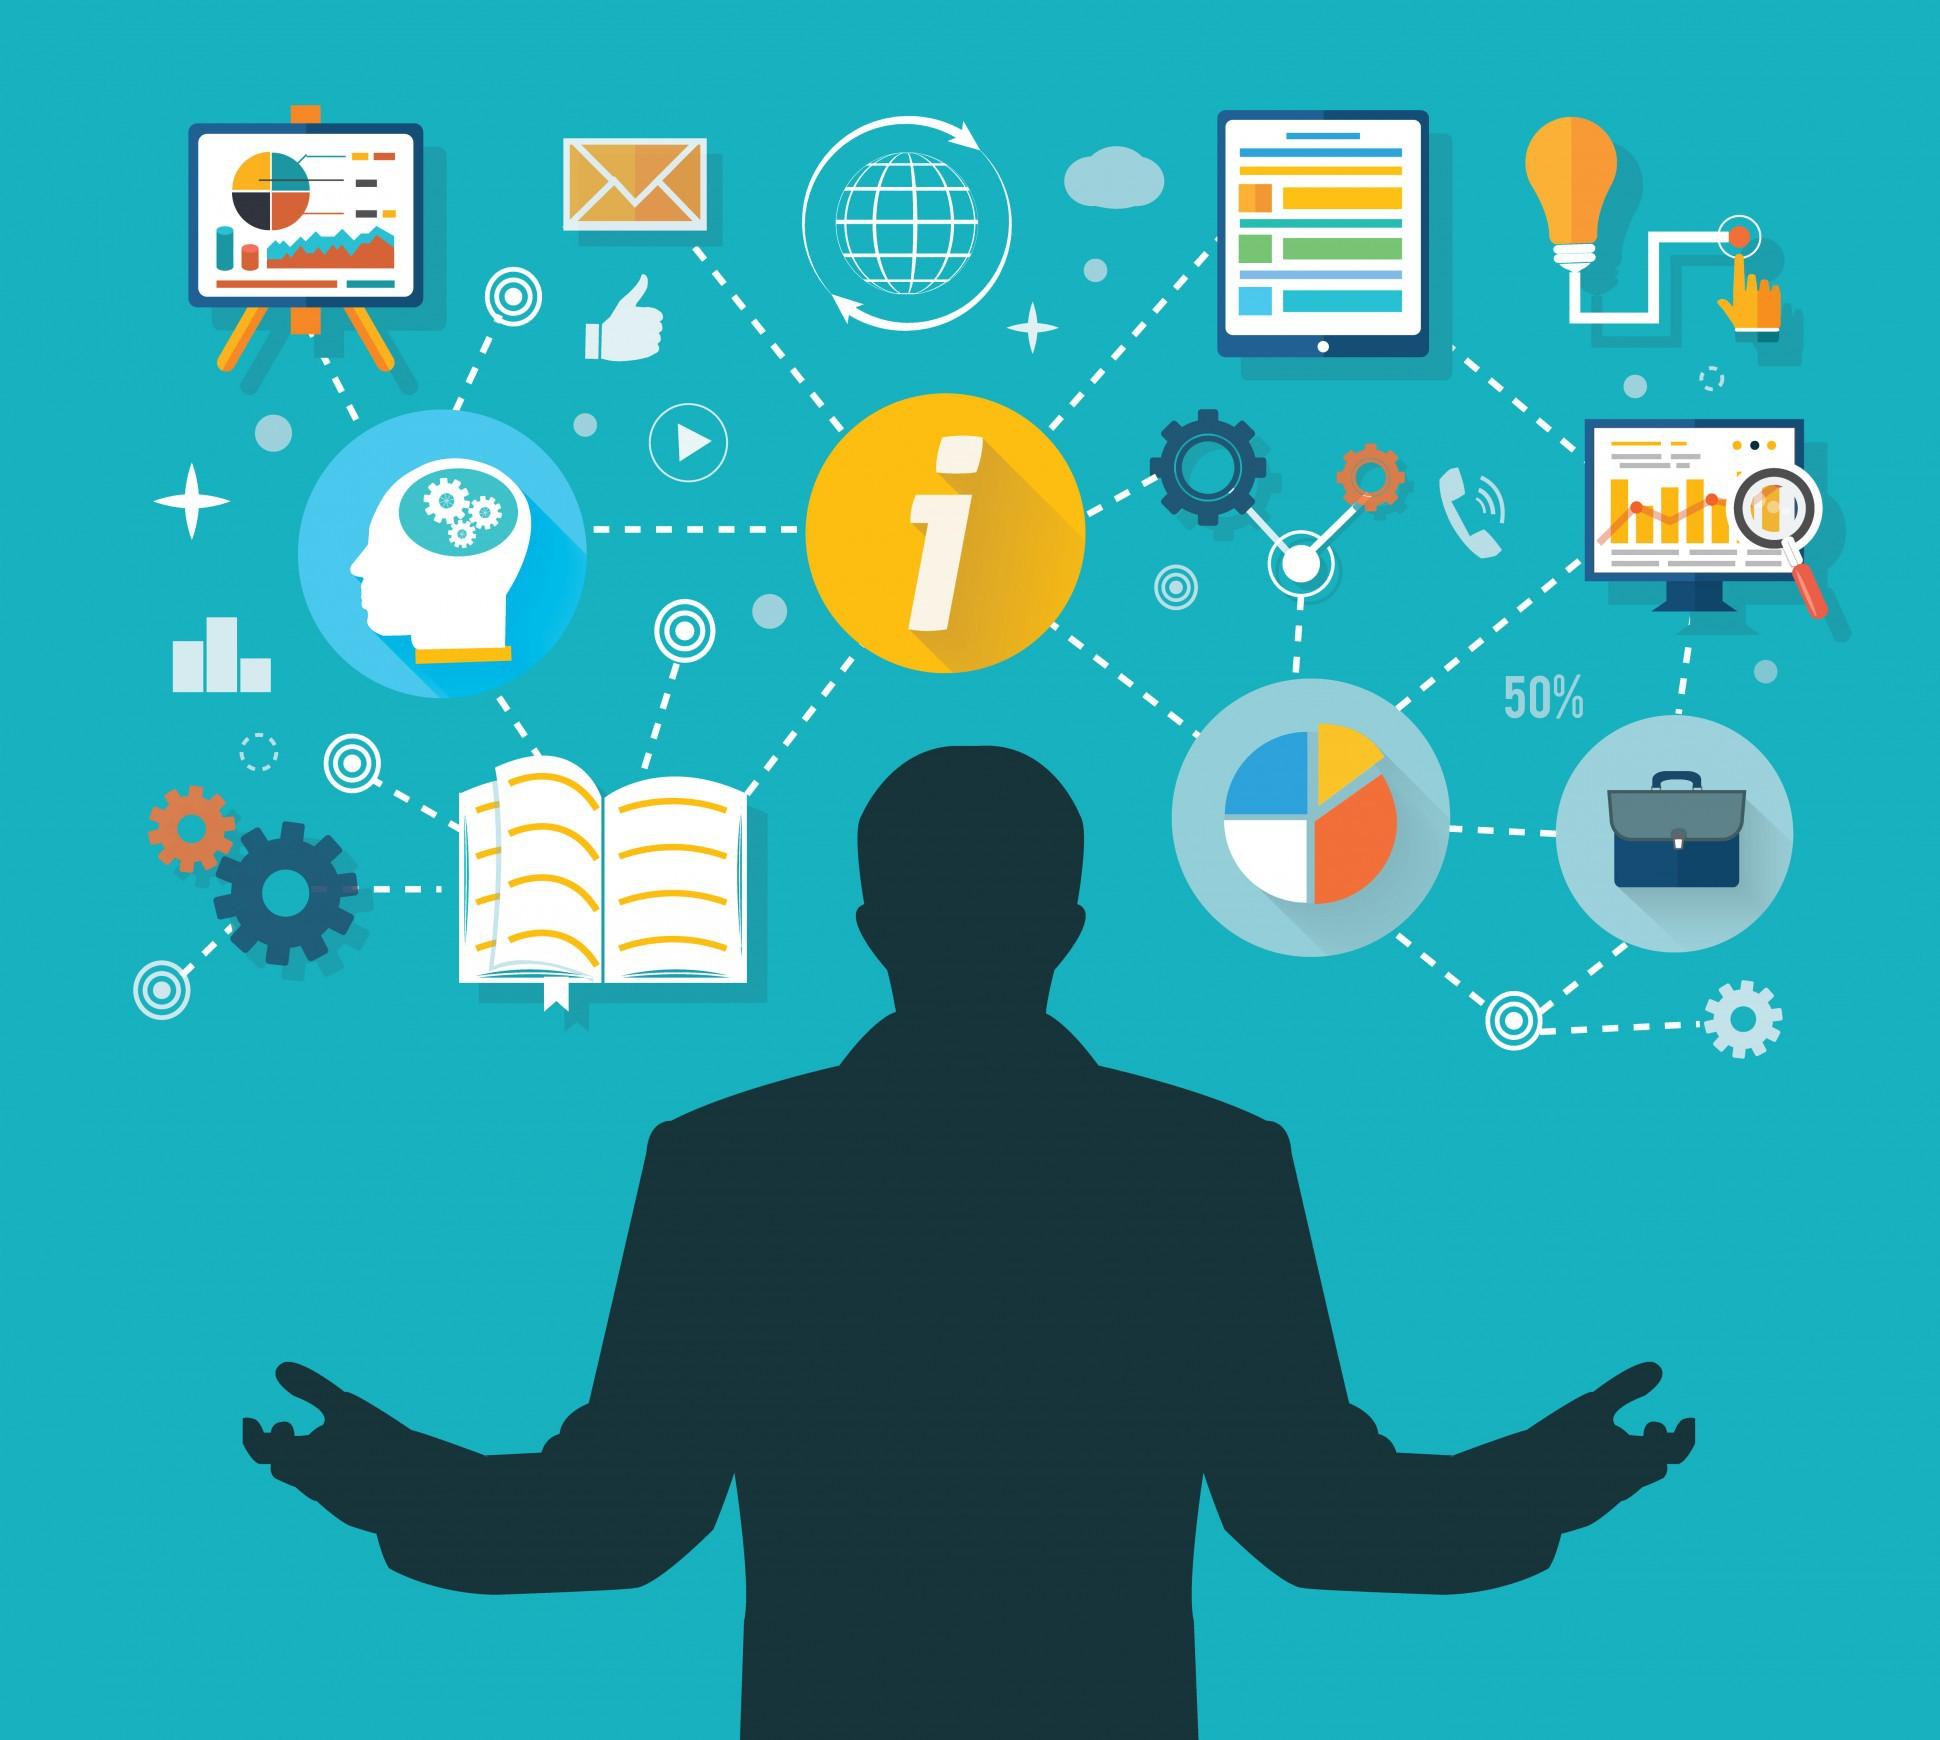 Thiếu quyết đoán và suy nghĩ quá nhiều là hai yếu điểm lớn nhất cản trở  những nhân viên giỏi